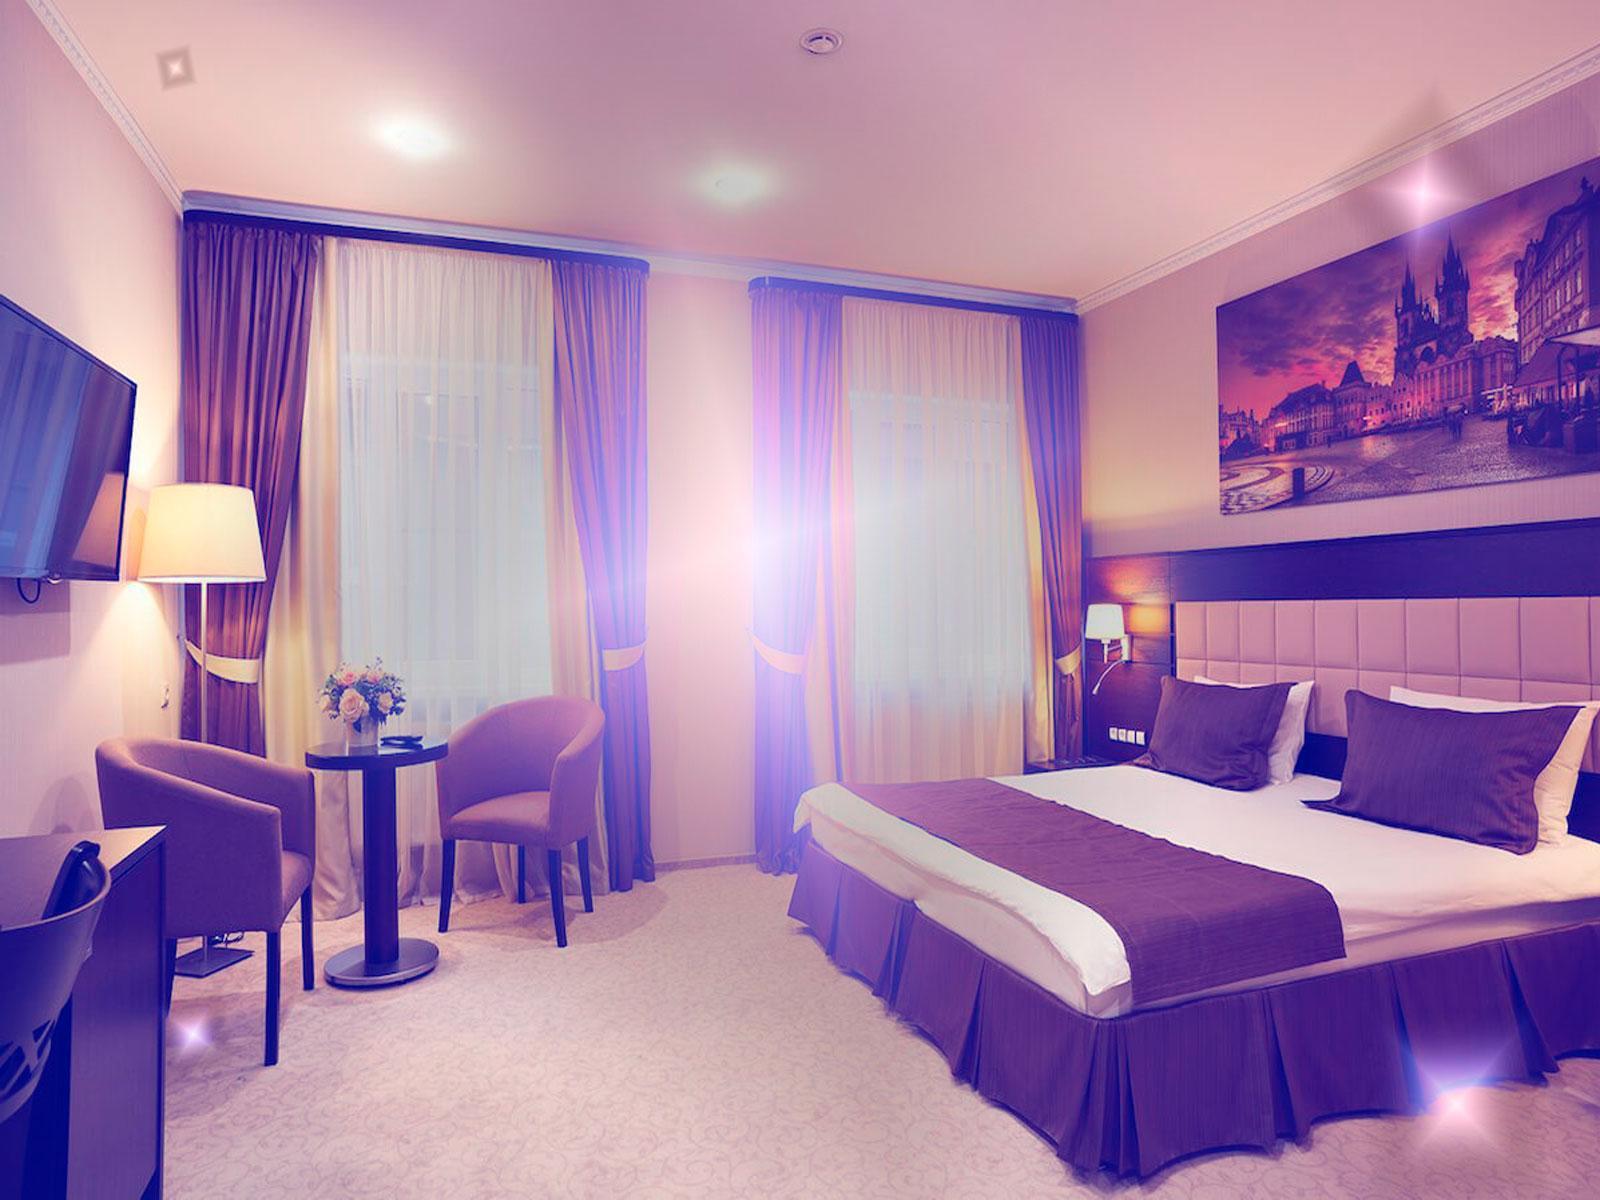 Онлайн-касса для гостиницы, отеля и хостела